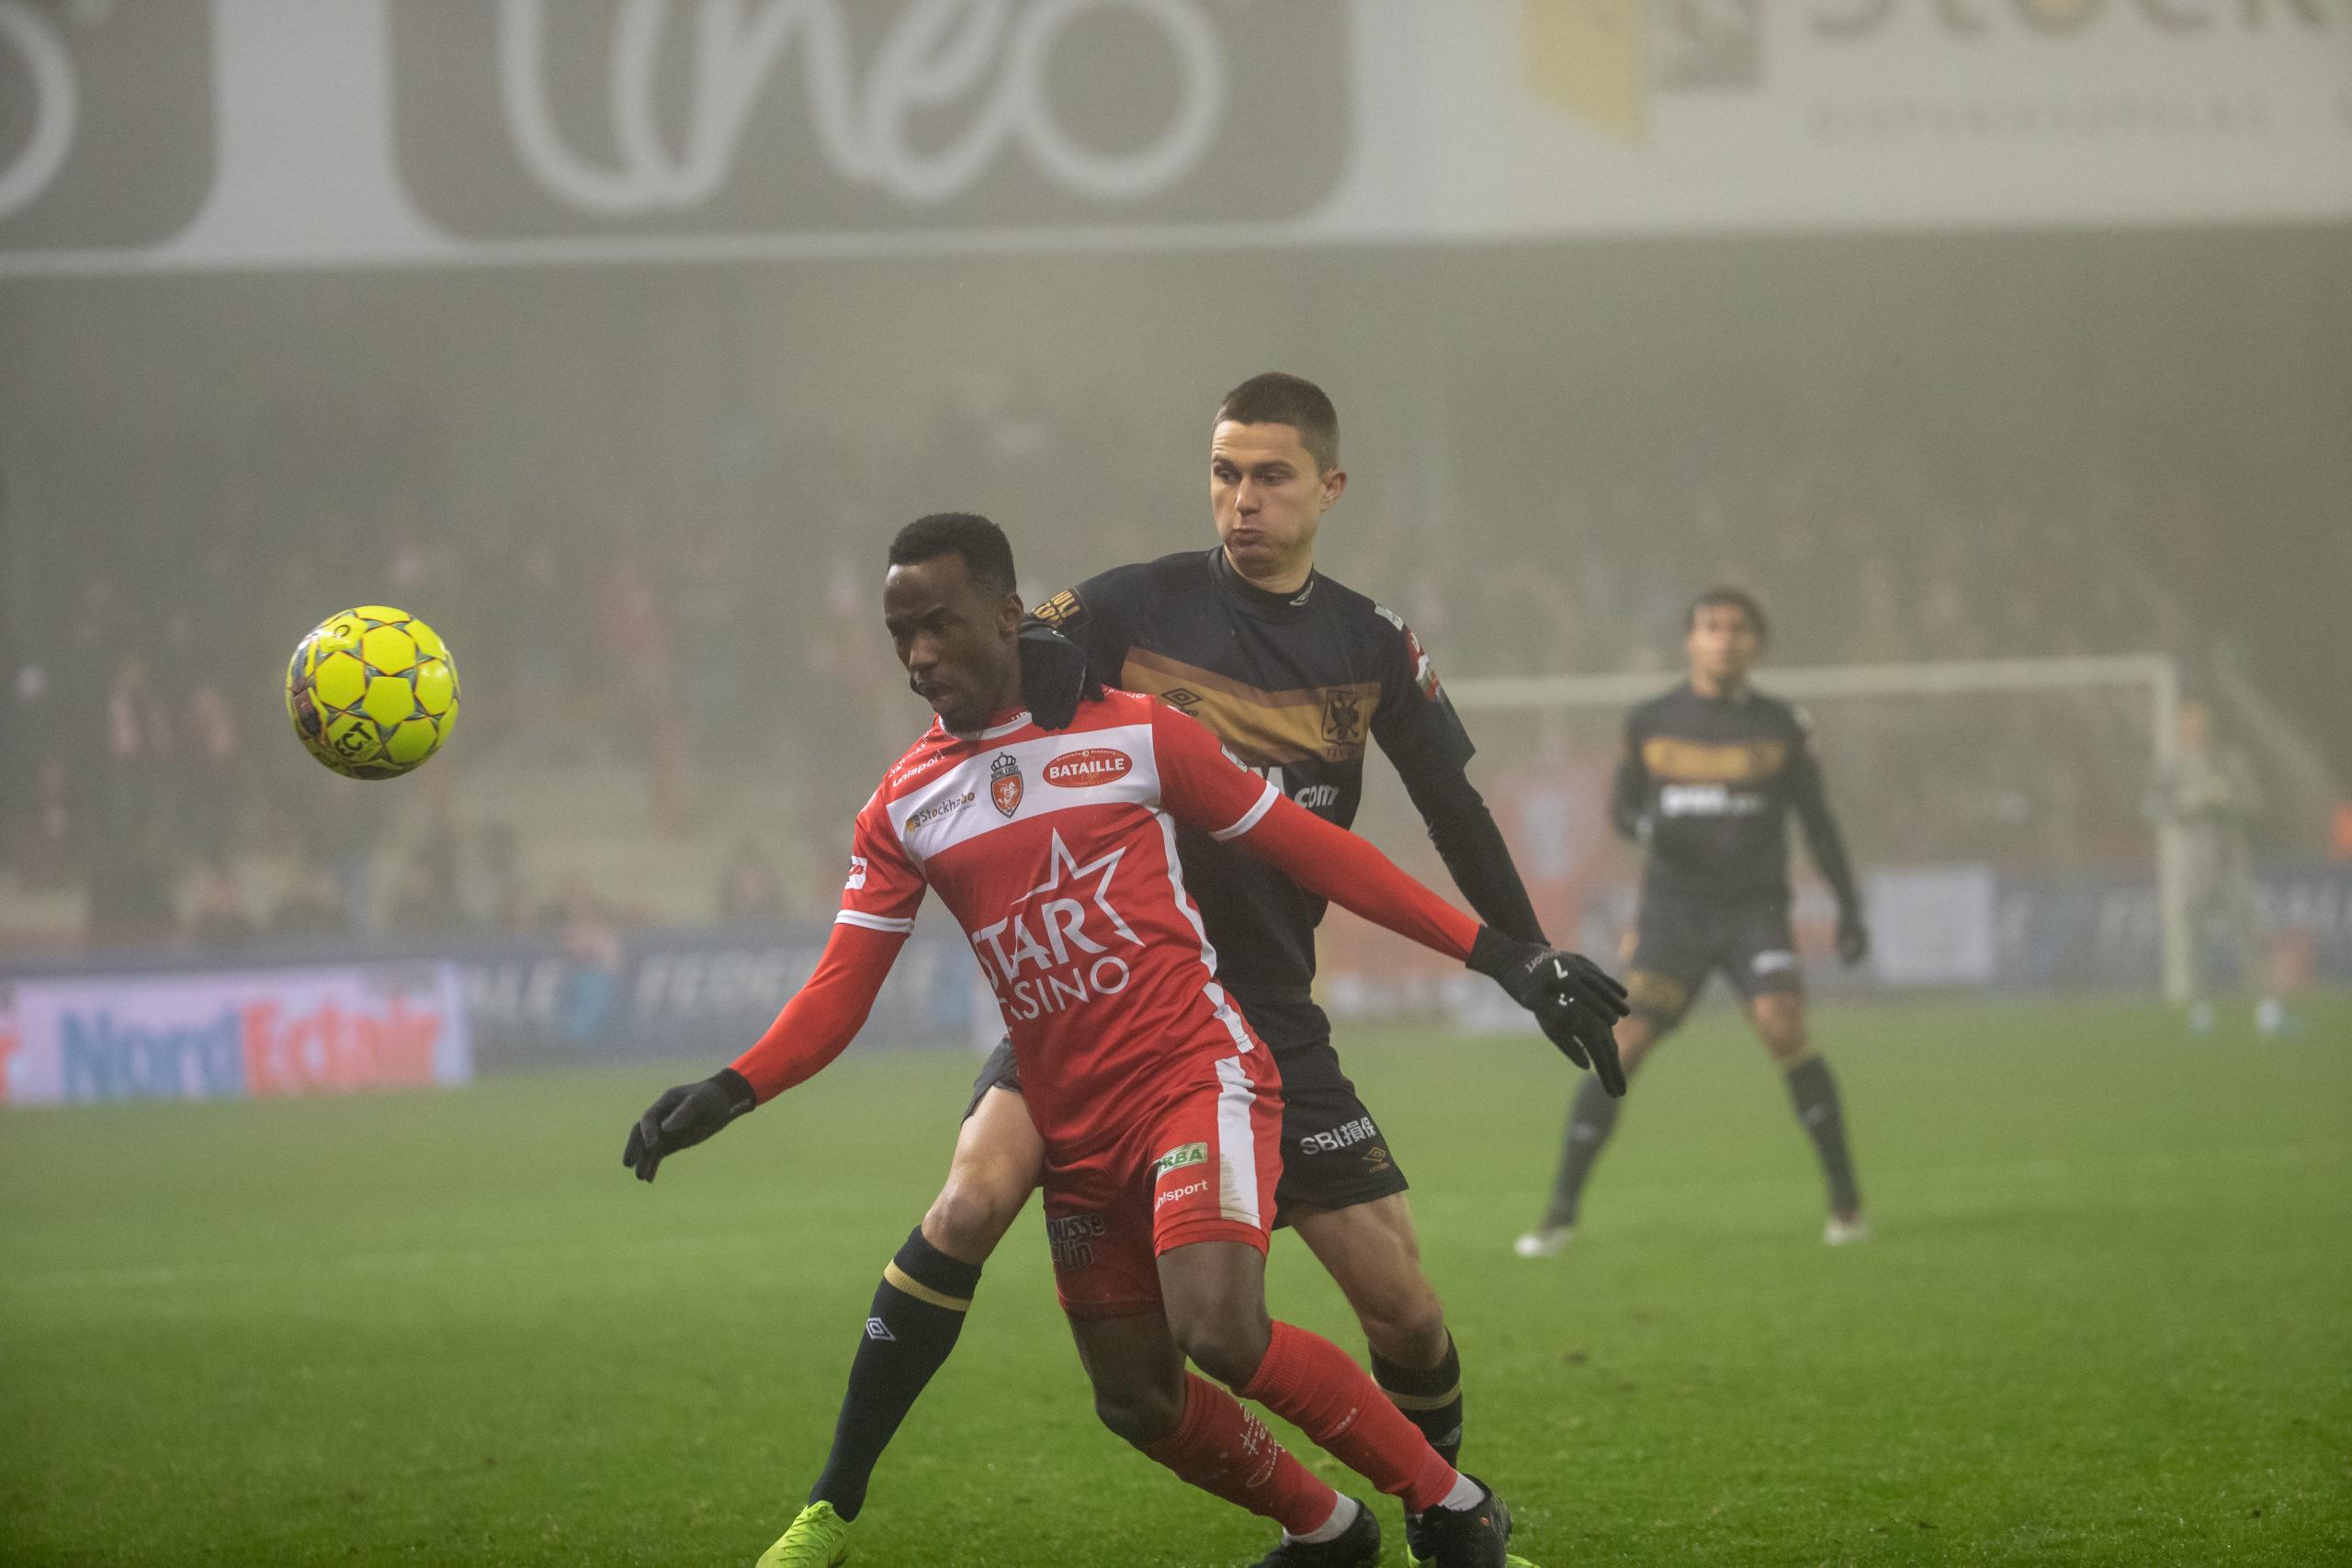 Fabrice Olinga